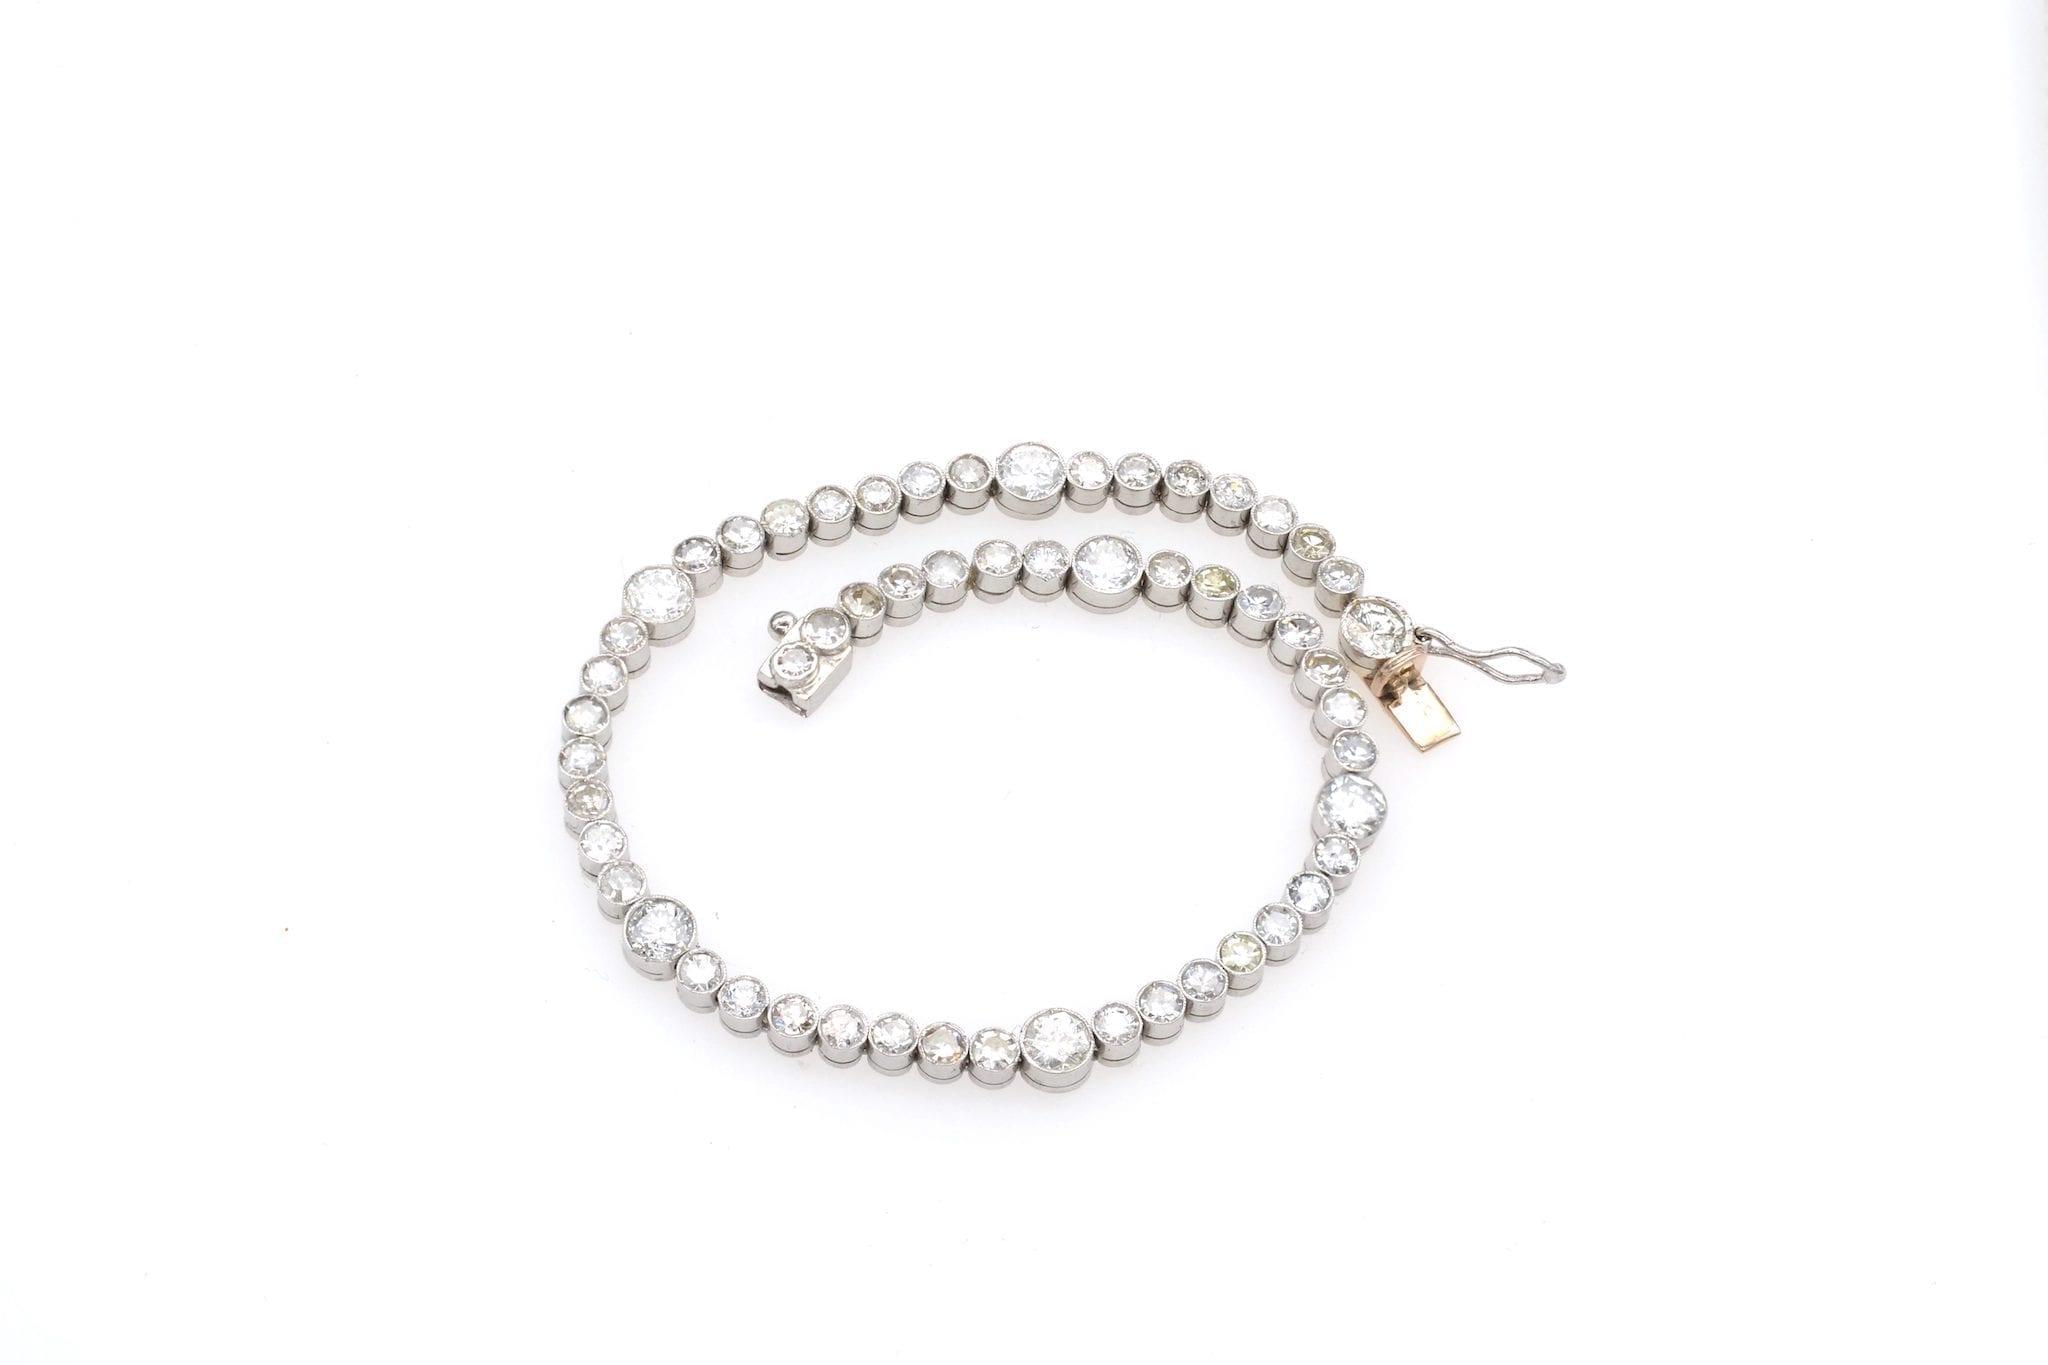 Bracelet vintage riviere de diamants